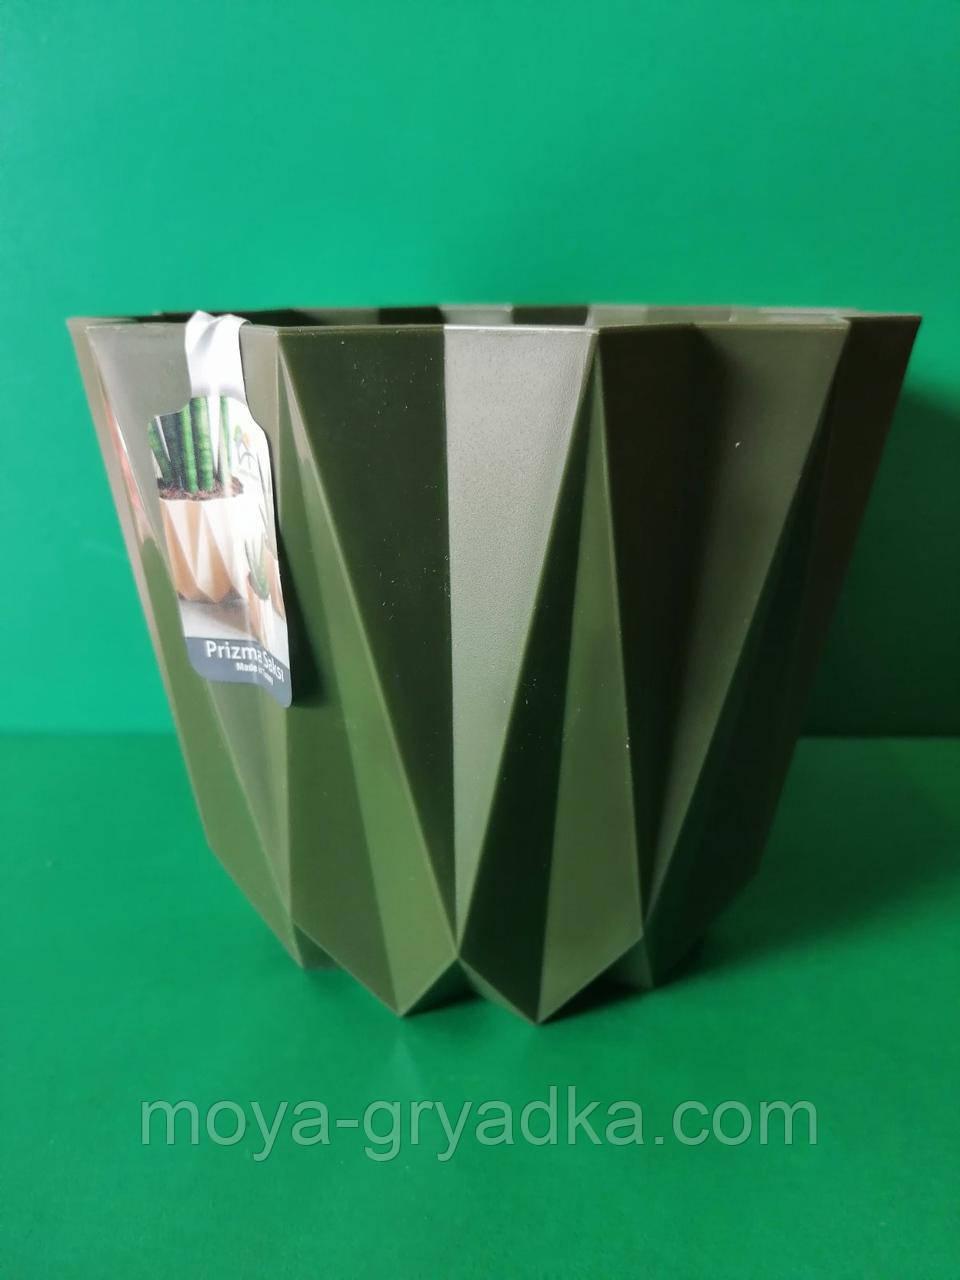 Прізма горщик 1,5л Зелений Elifplastic